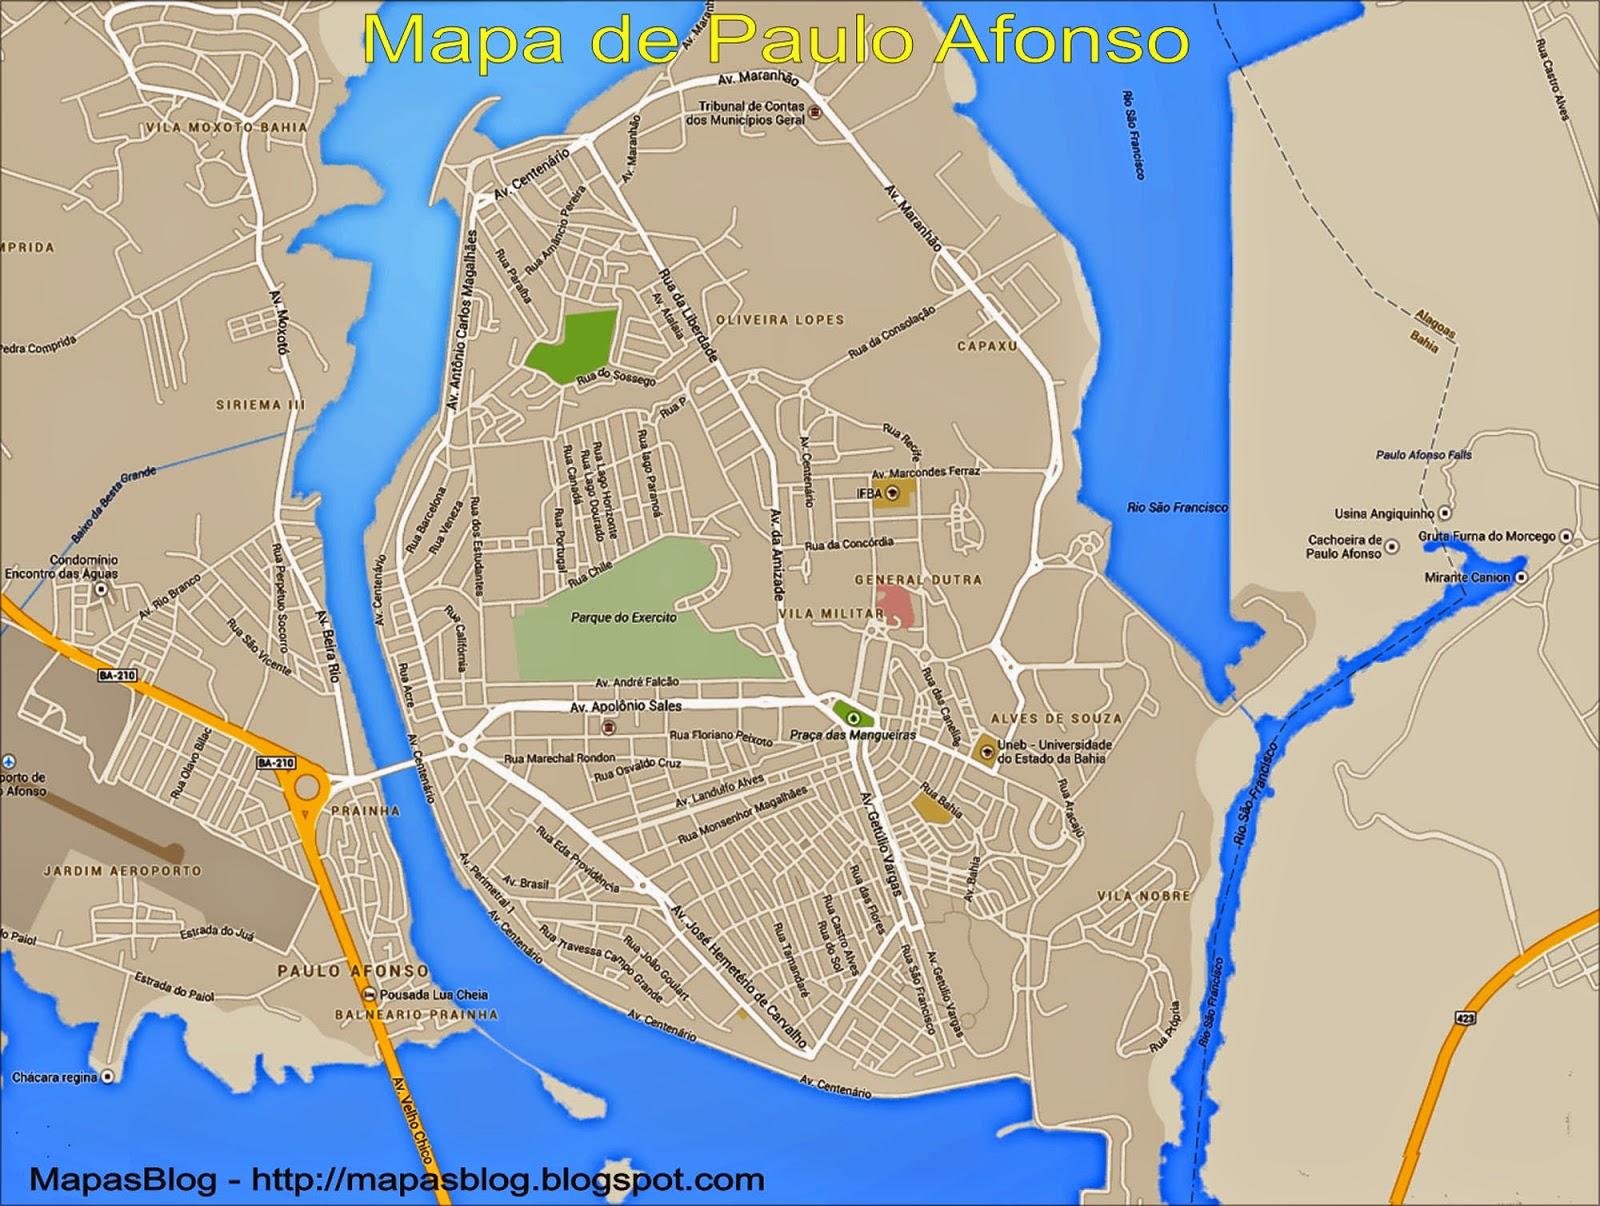 Resultado de imagem para mapa de paulo afonso